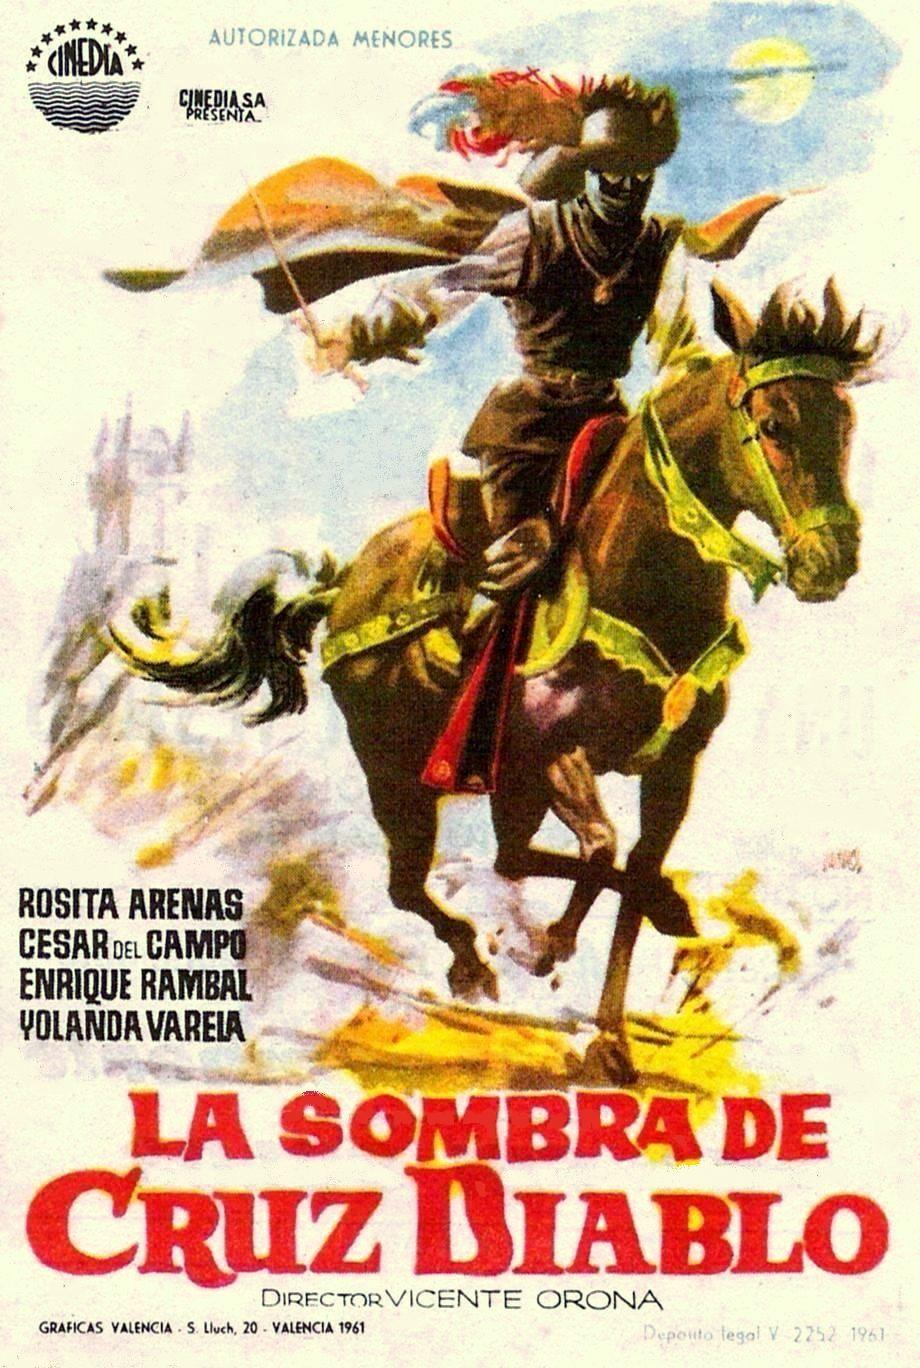 La sombra de Cruz Diablo (1955)